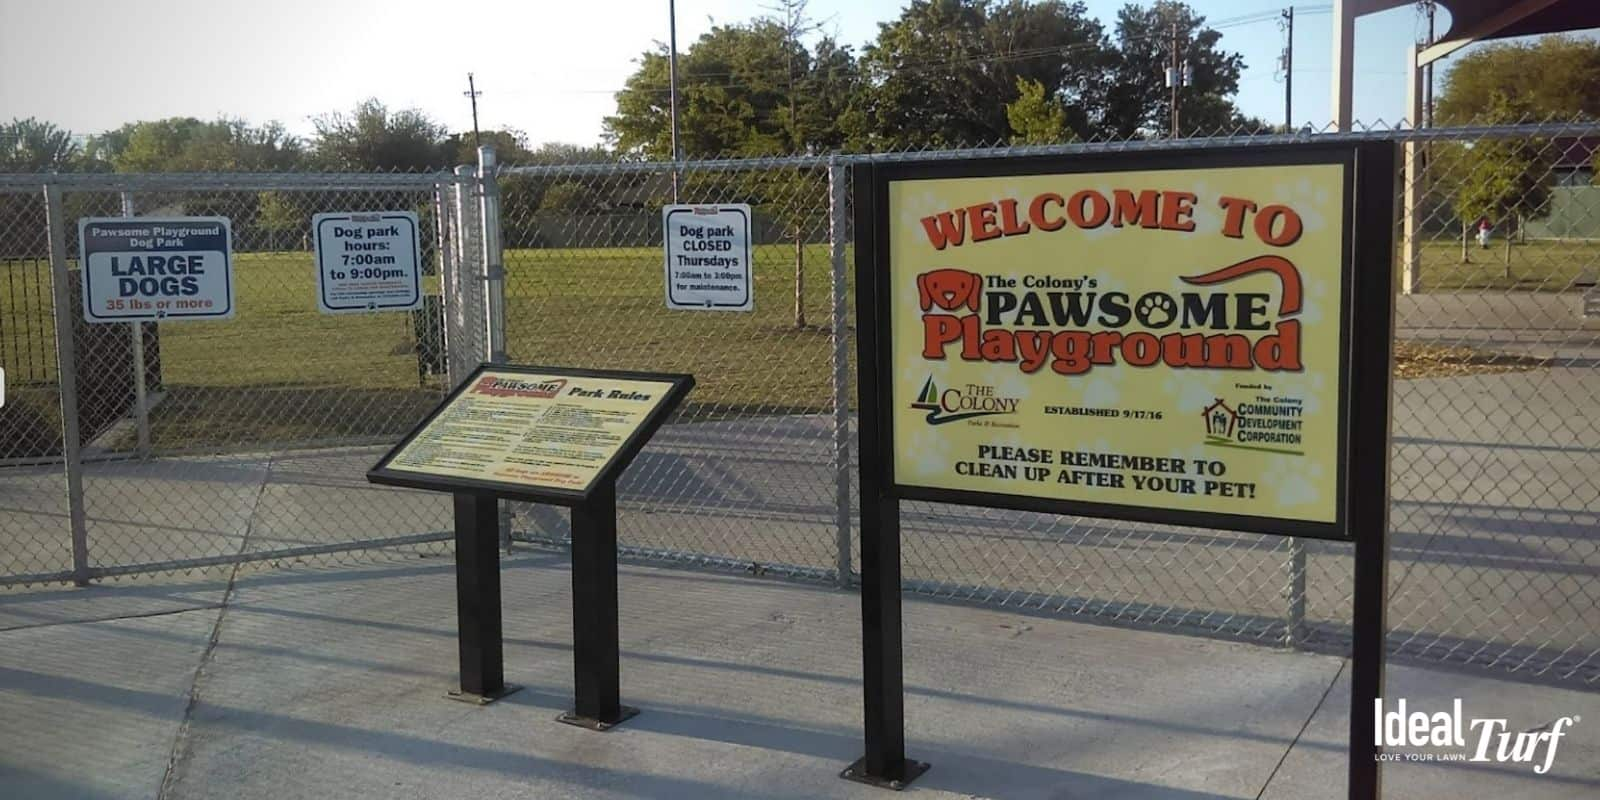 7. Pawsome Playground Dog Park